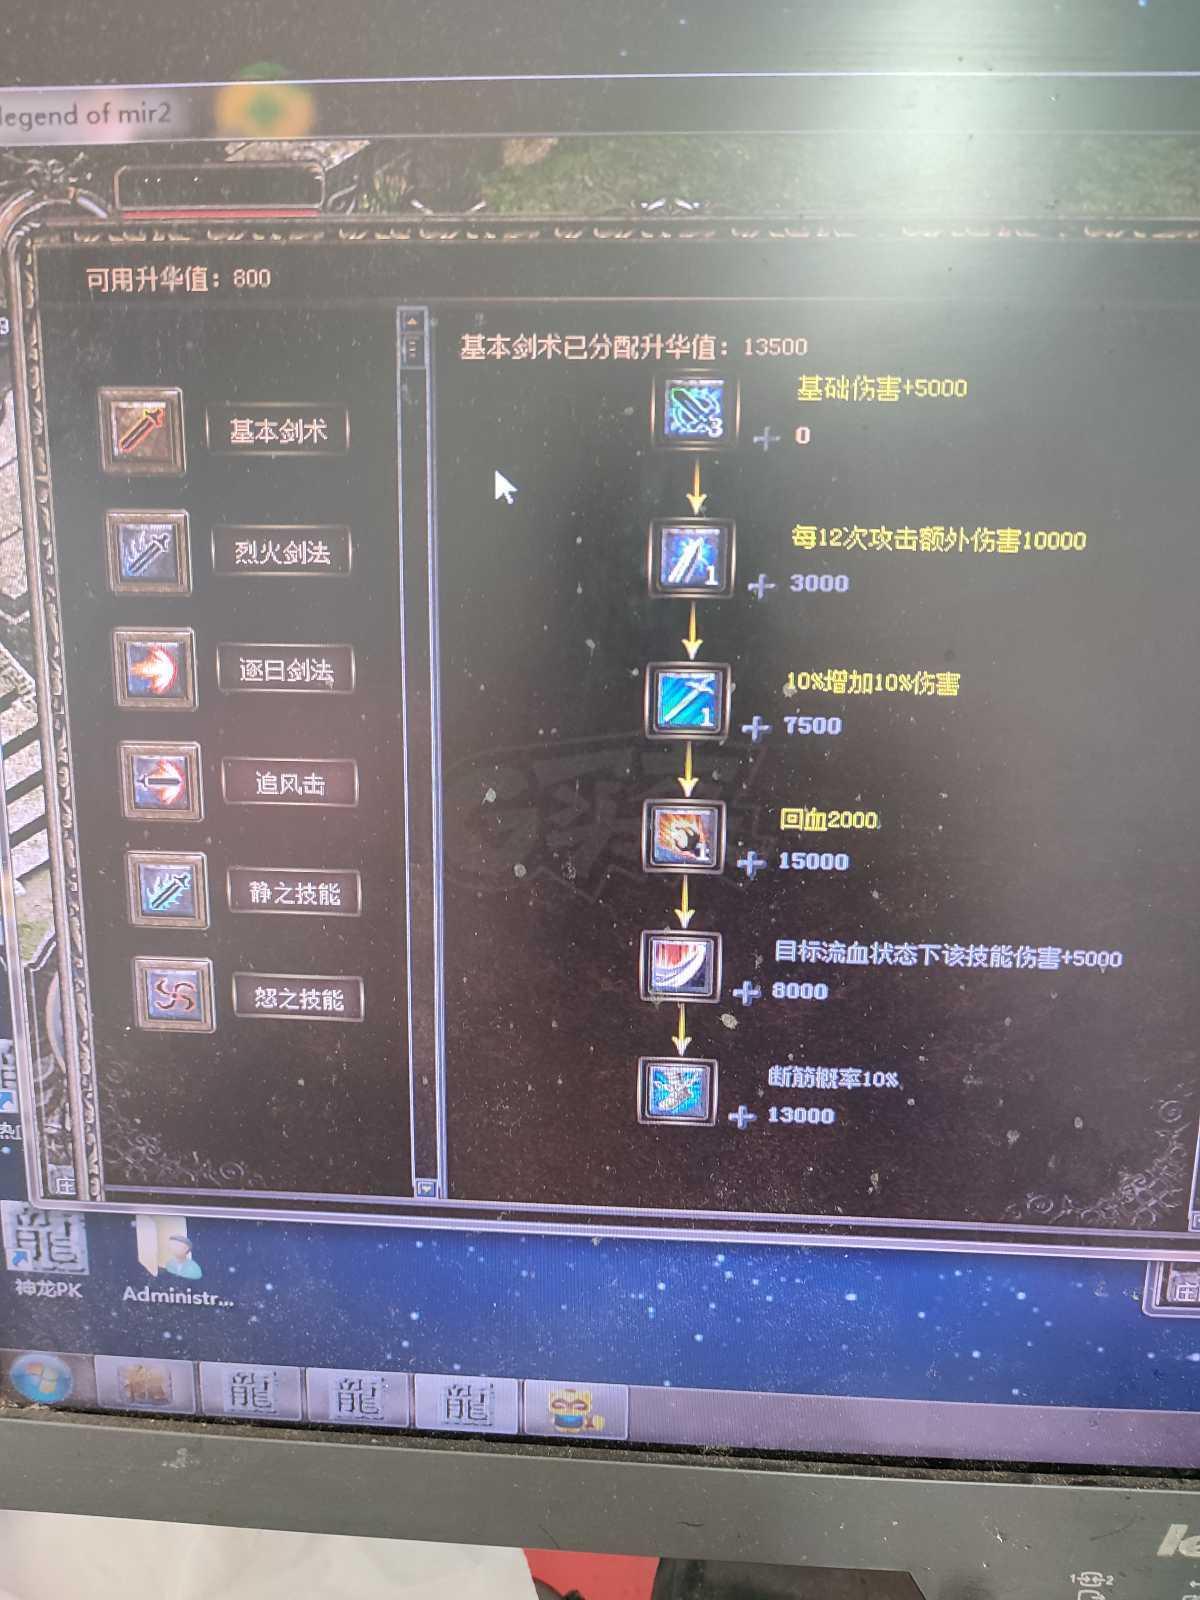 热血传奇-账号-[战士999级]双999级永久盒子空号